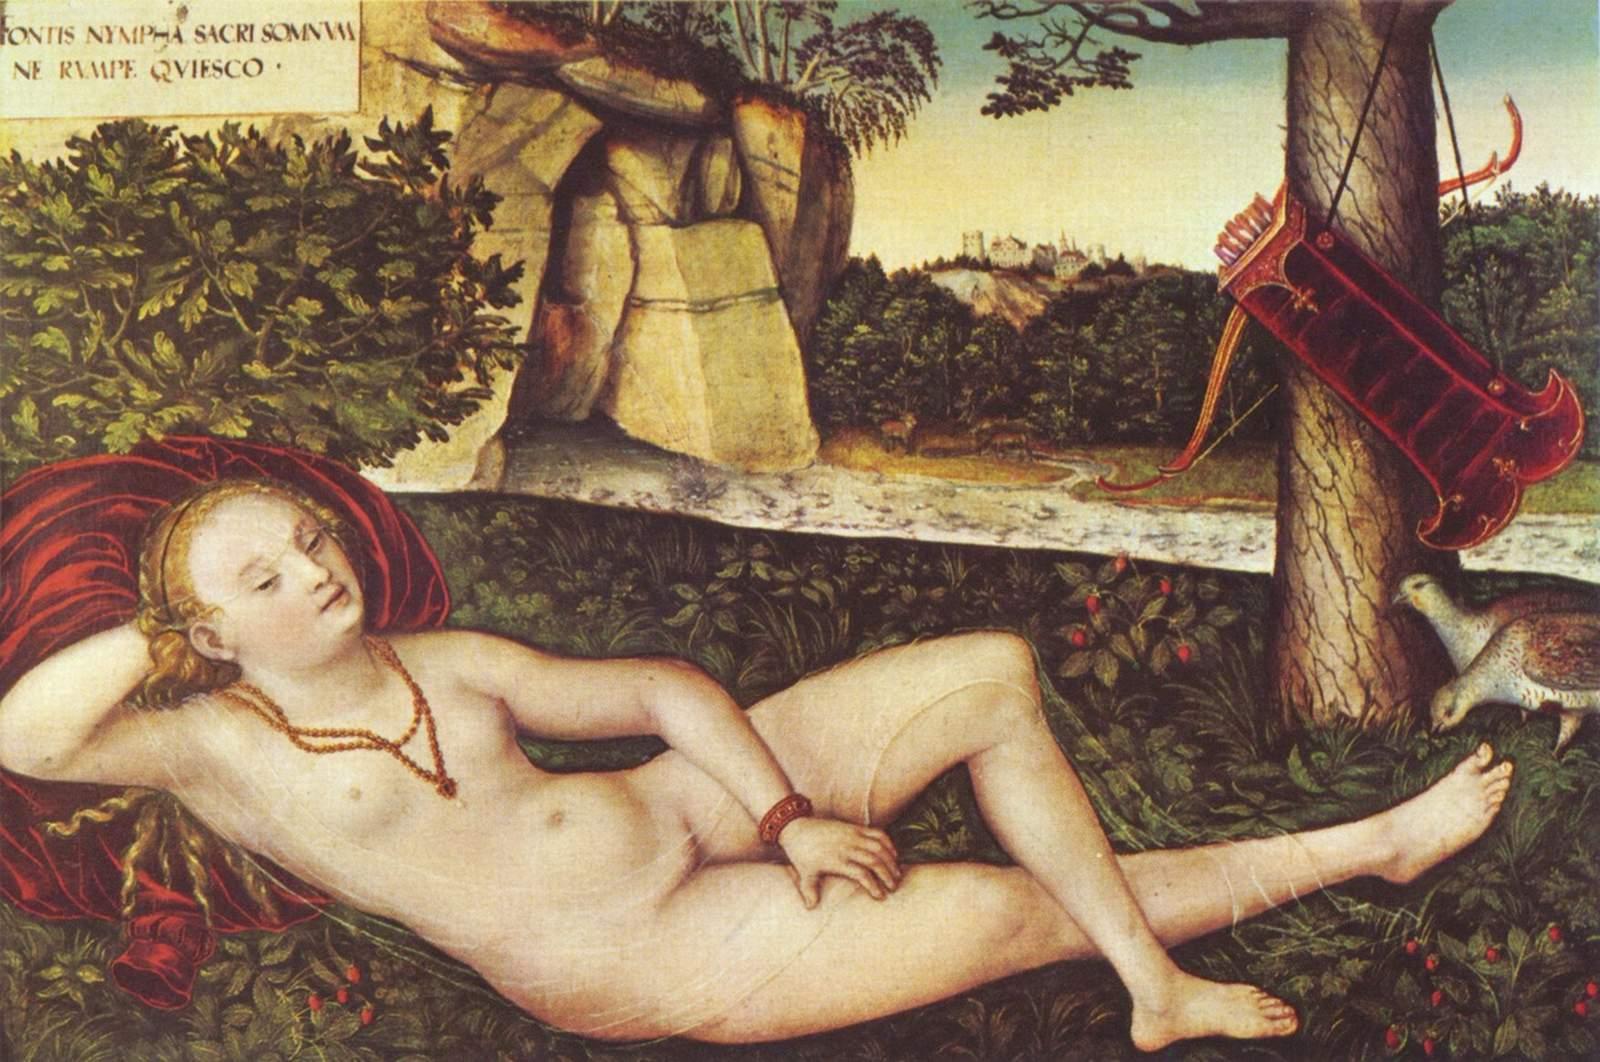 Reclining Diana c.1515 - Lucas Cranach the Elder  sc 1 st  WikiArt & Reclining Diana c.1515 - Lucas Cranach the Elder - WikiArt.org islam-shia.org